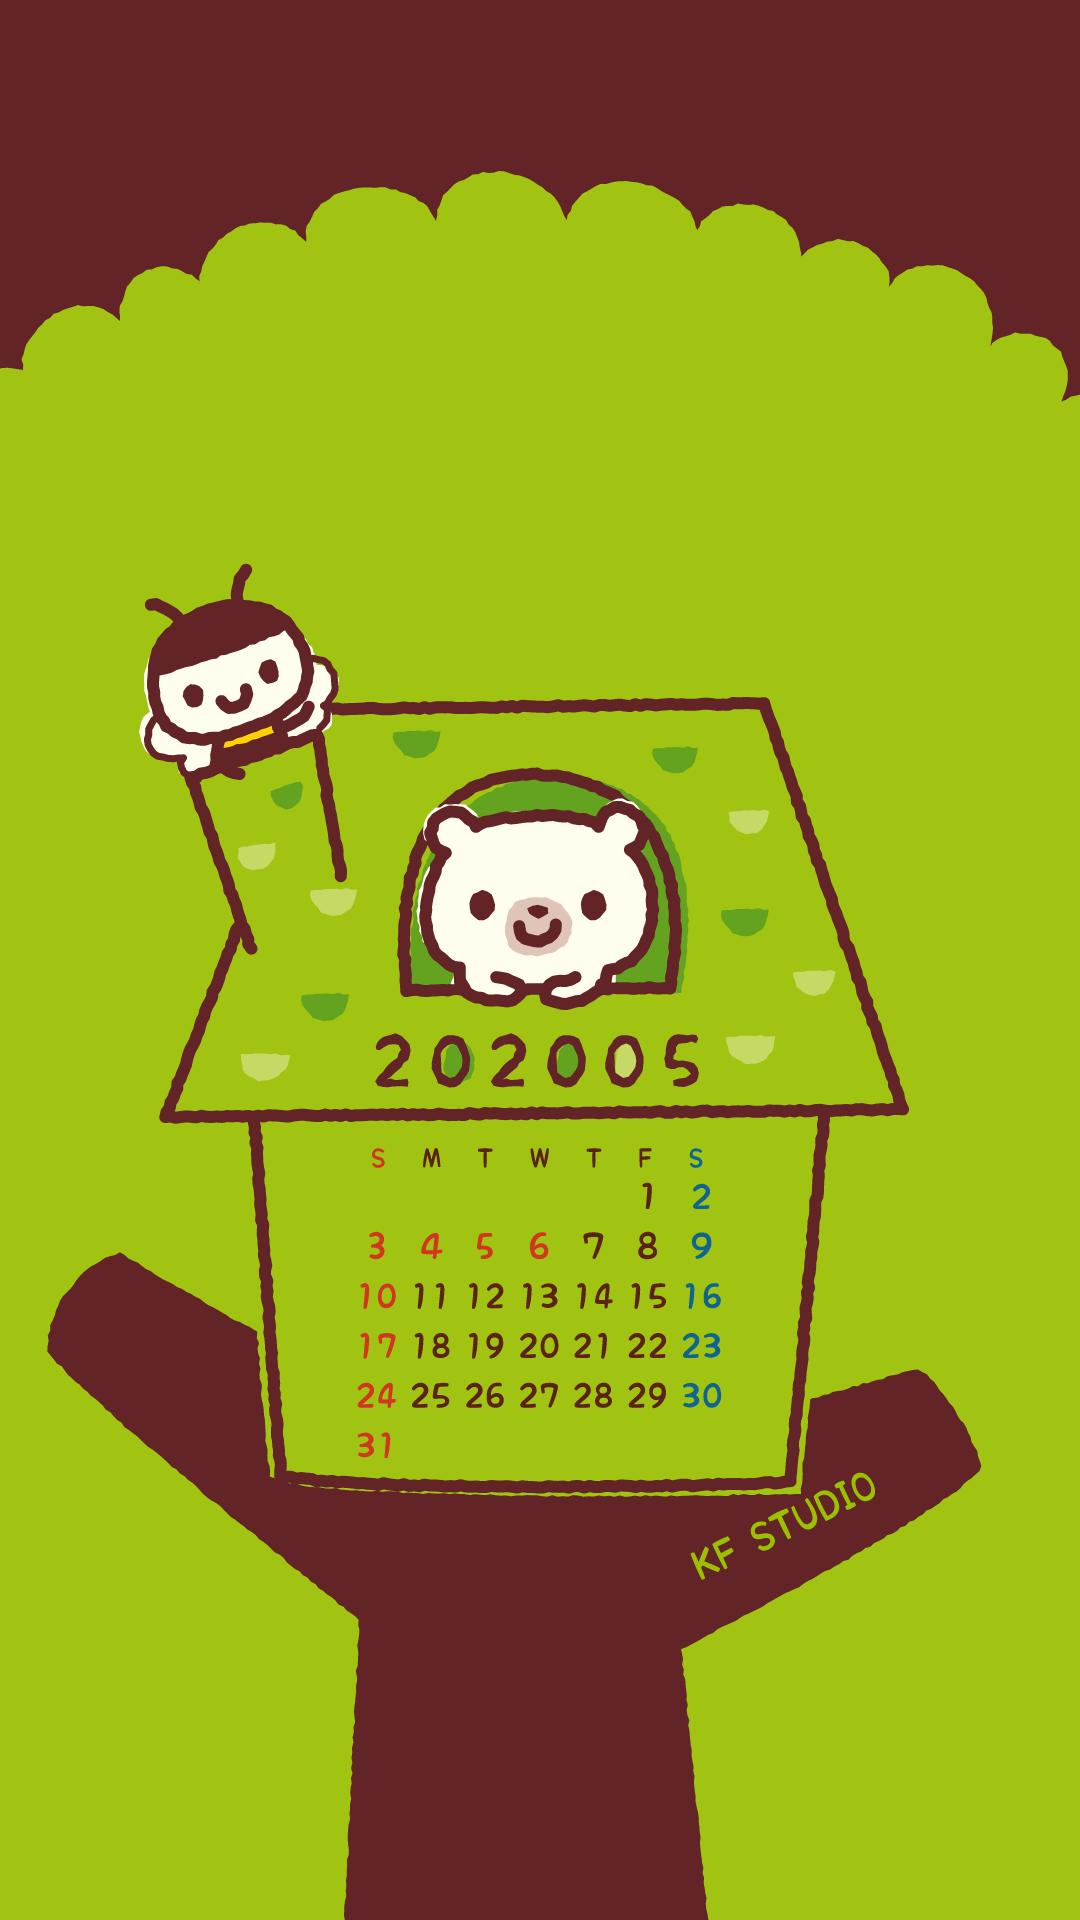 年05月iphone壁紙カレンダー Kf Studio